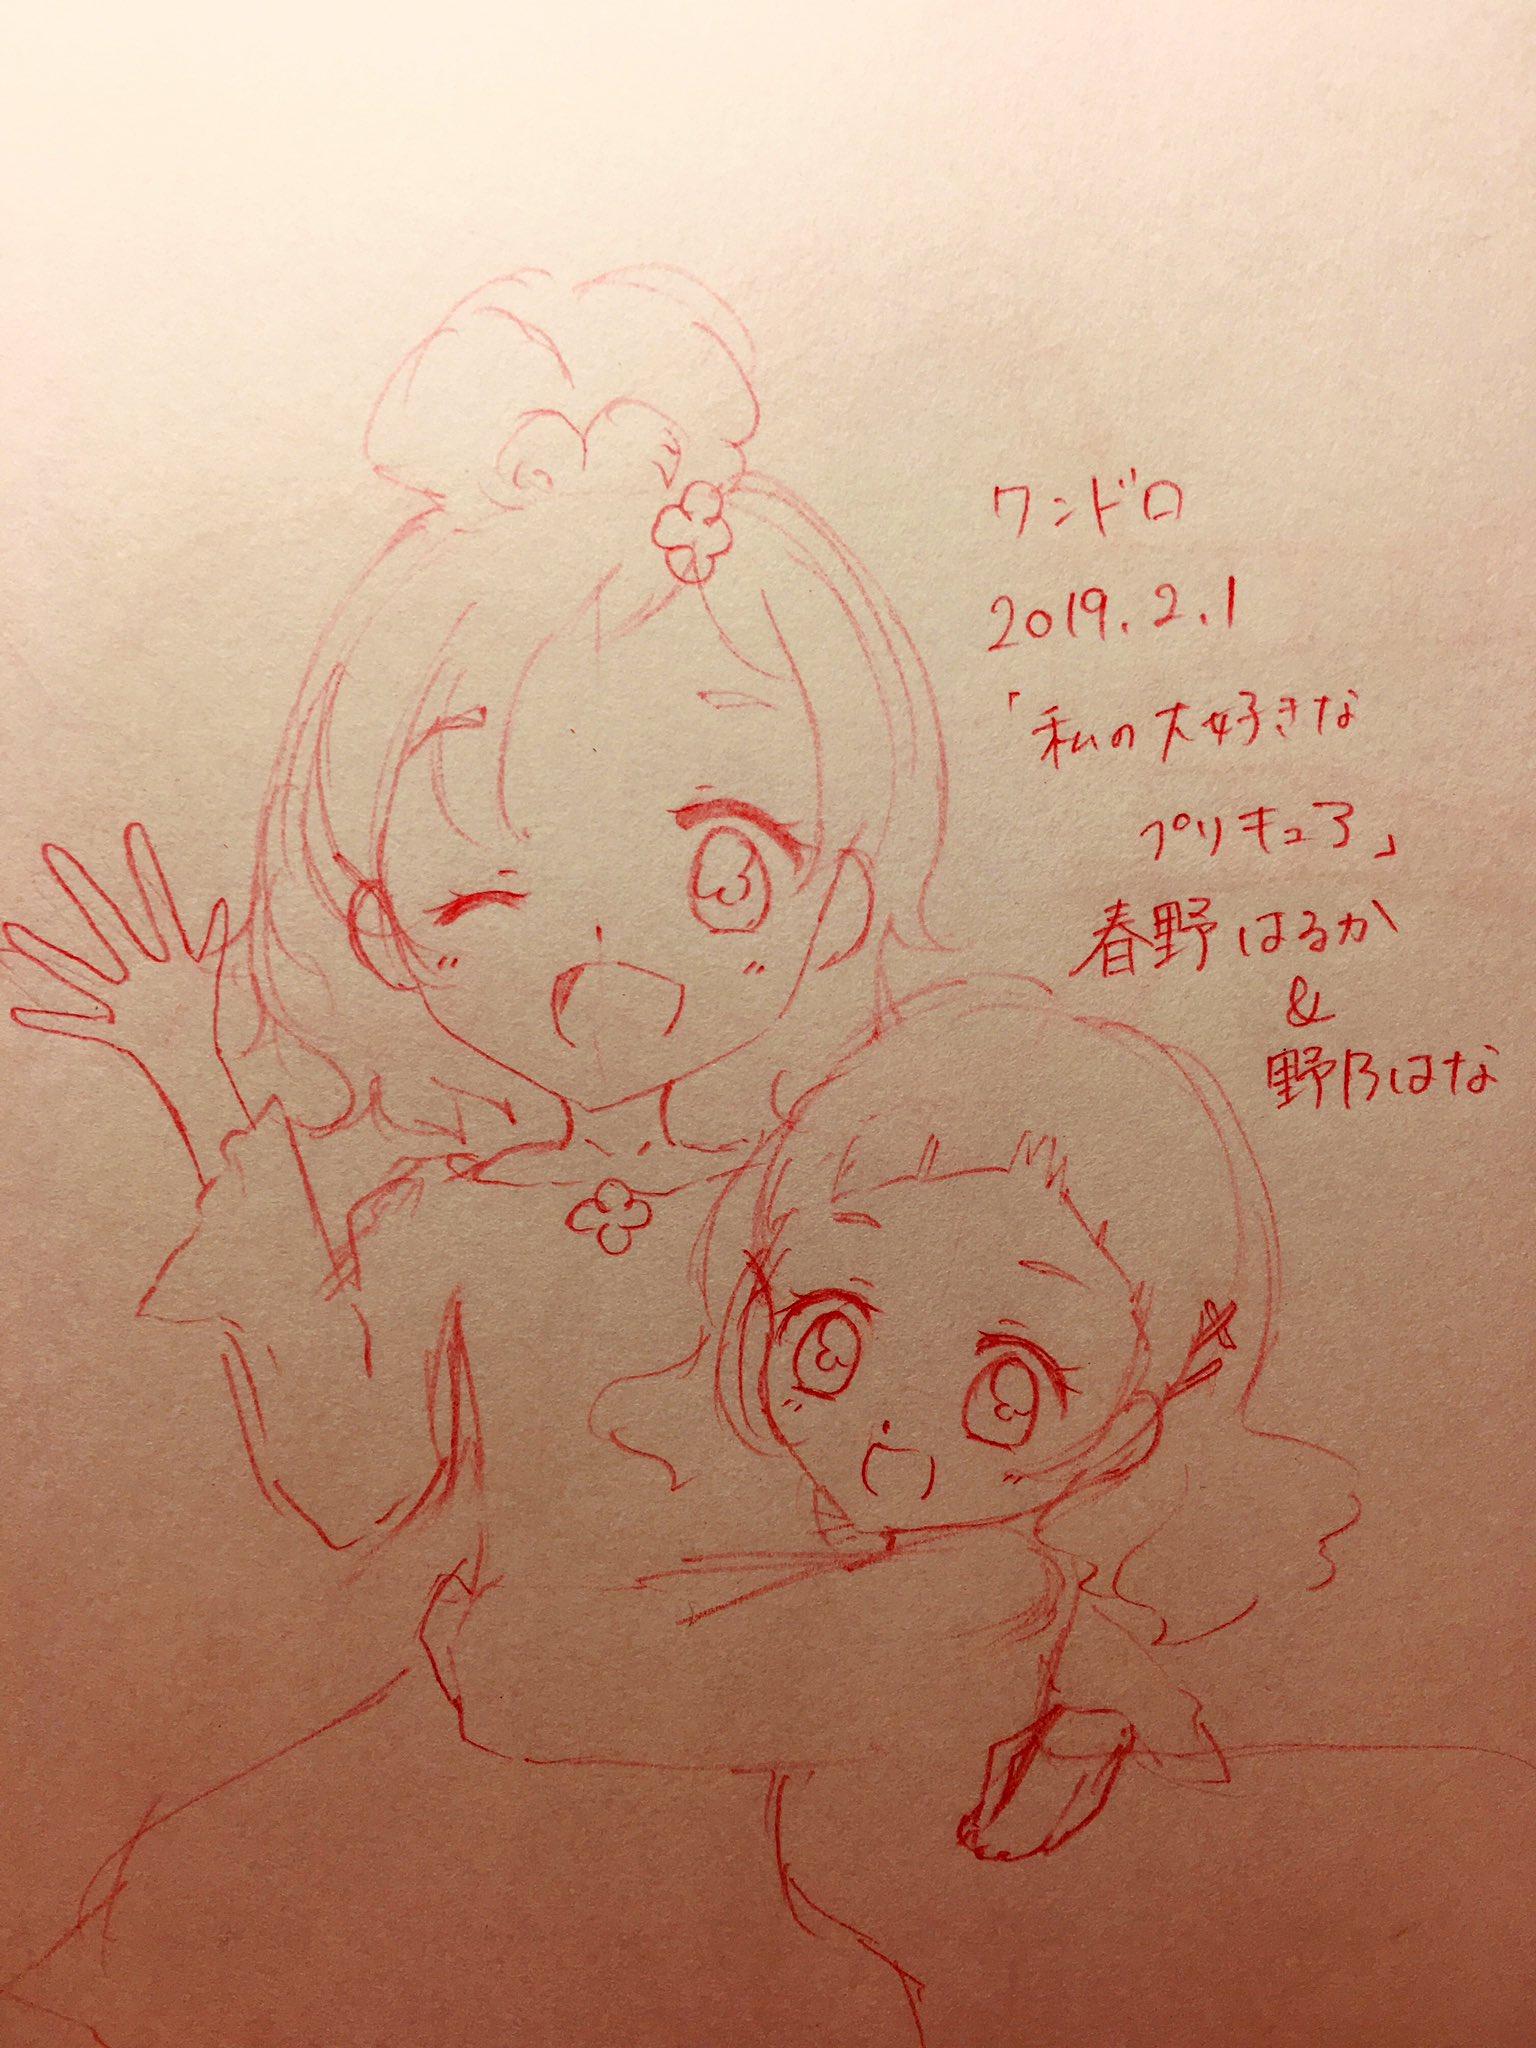 白露 彩風(2019.2.2〜メモリアルプリキュアスタート!) (@Hakuro_sayaka)さんのイラスト